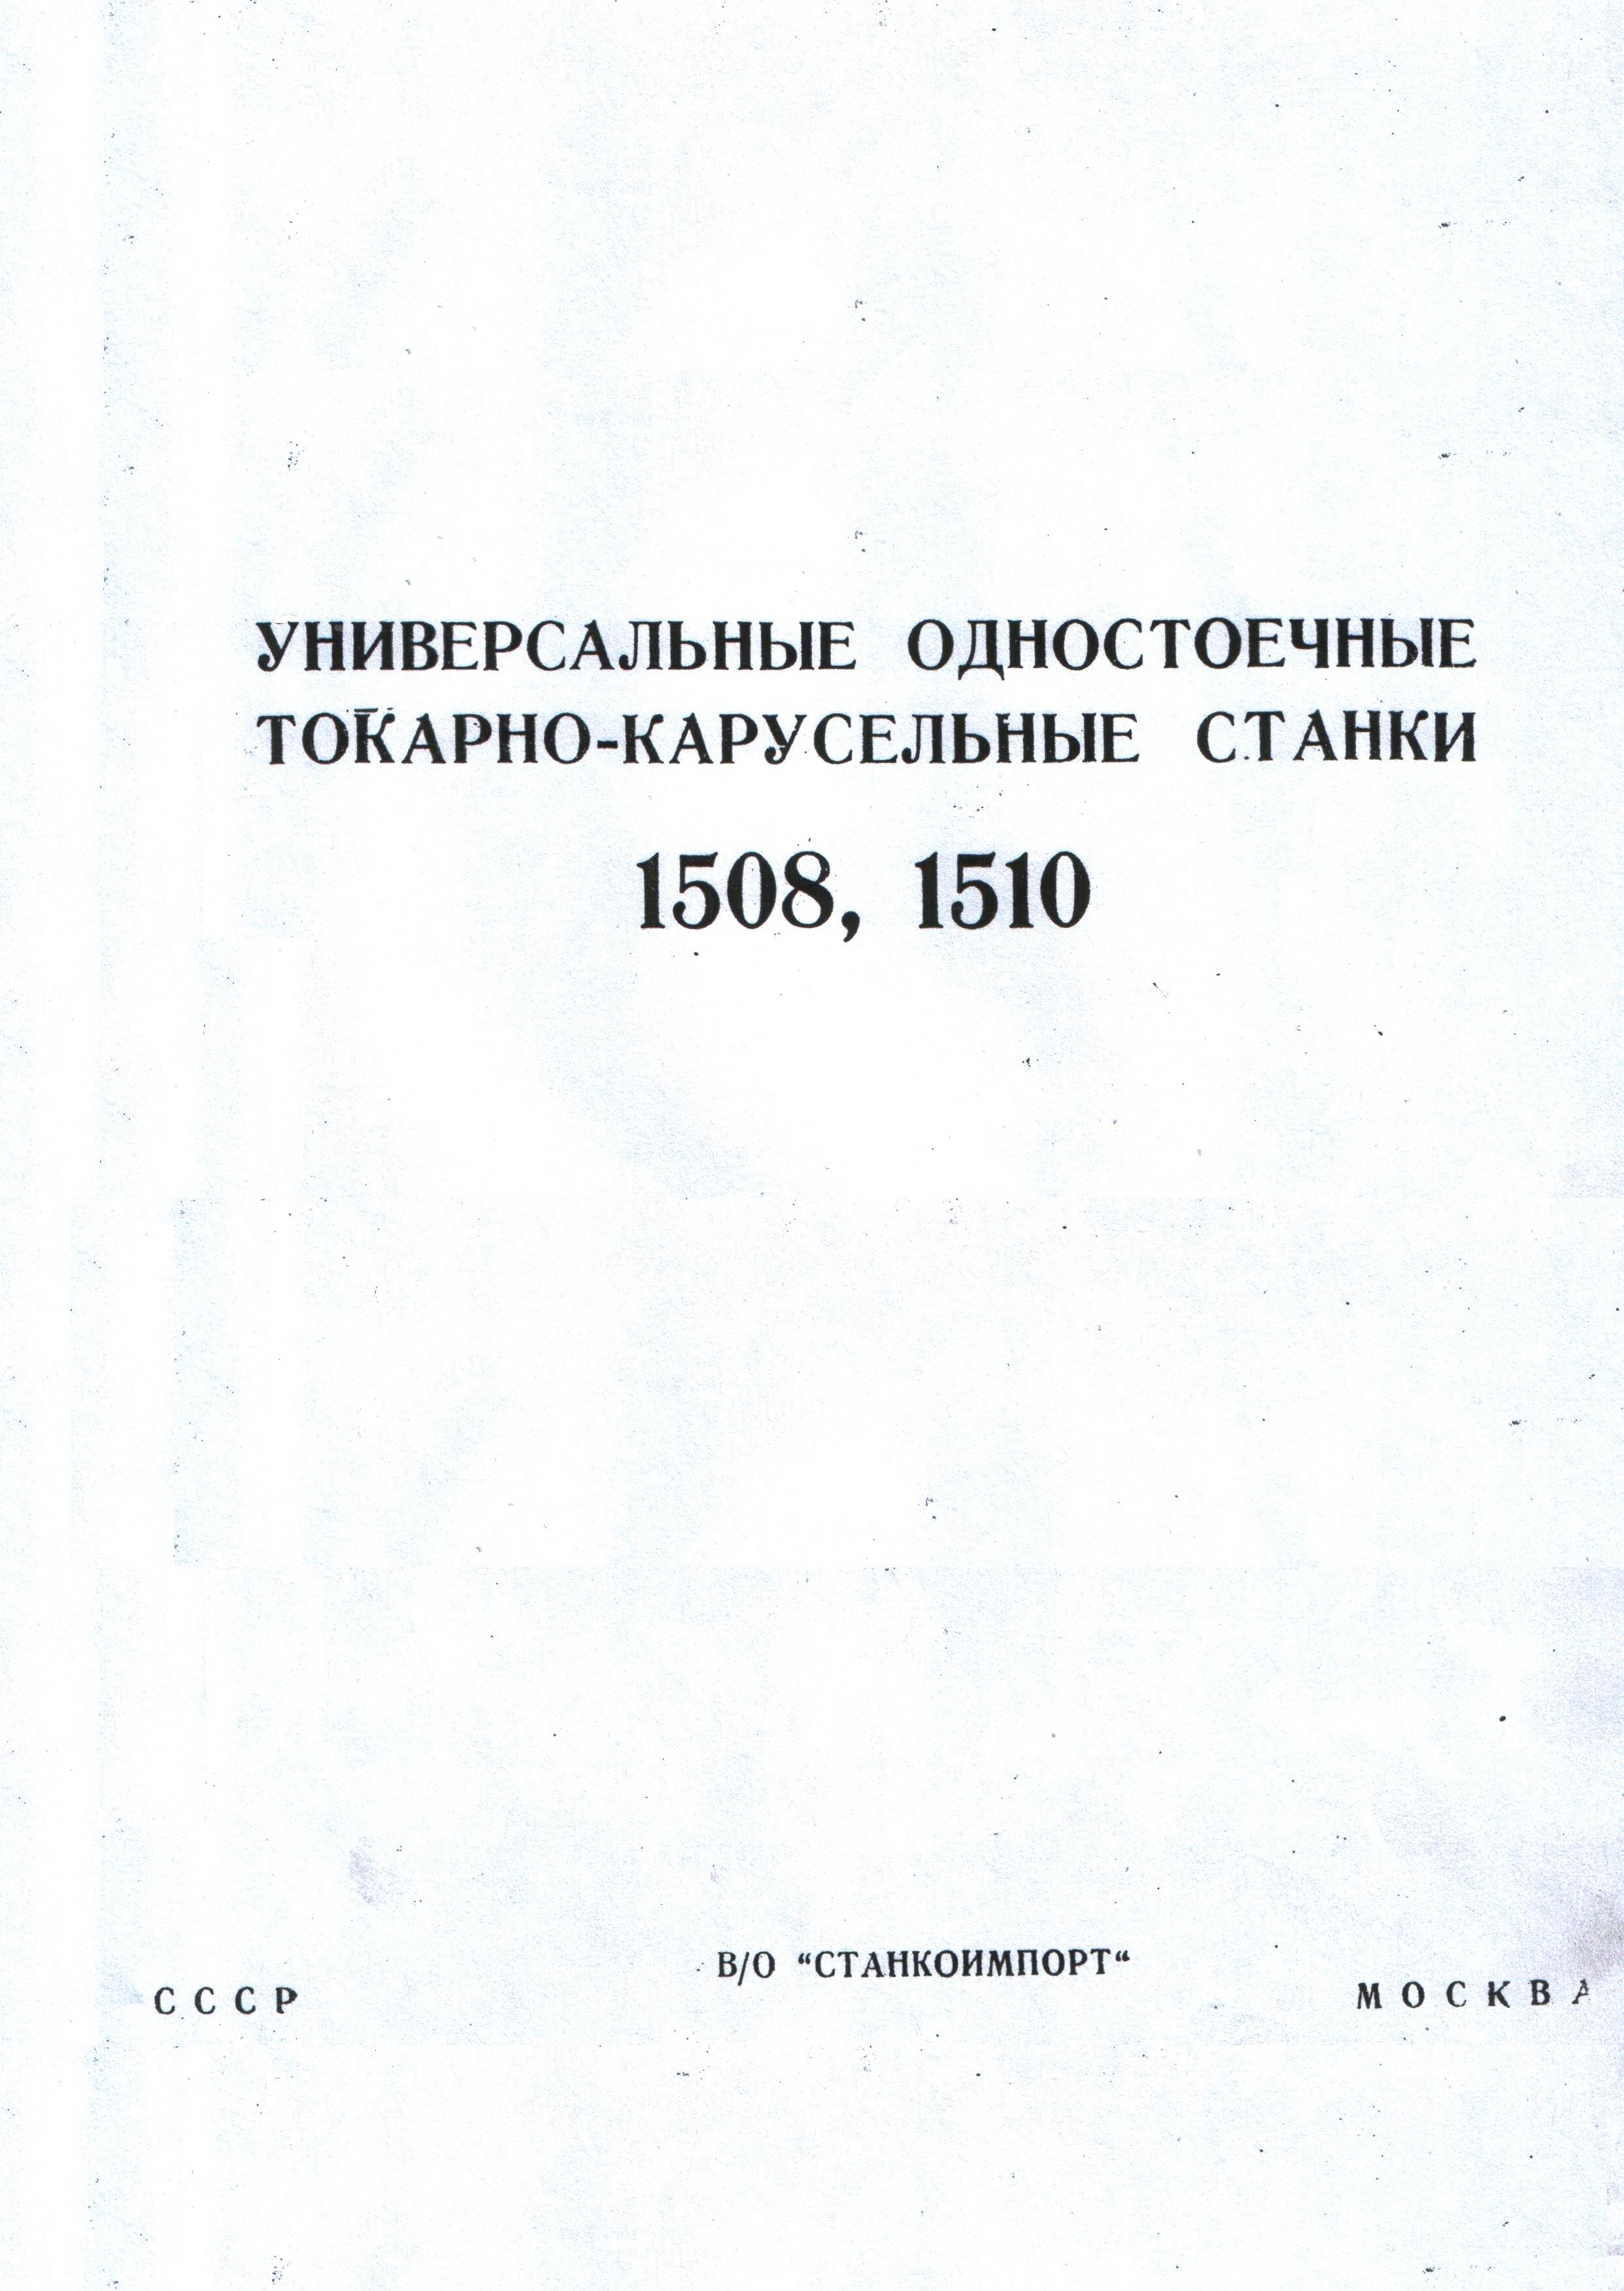 Токарно-карусельный станок. паспорт, характеристики, схема